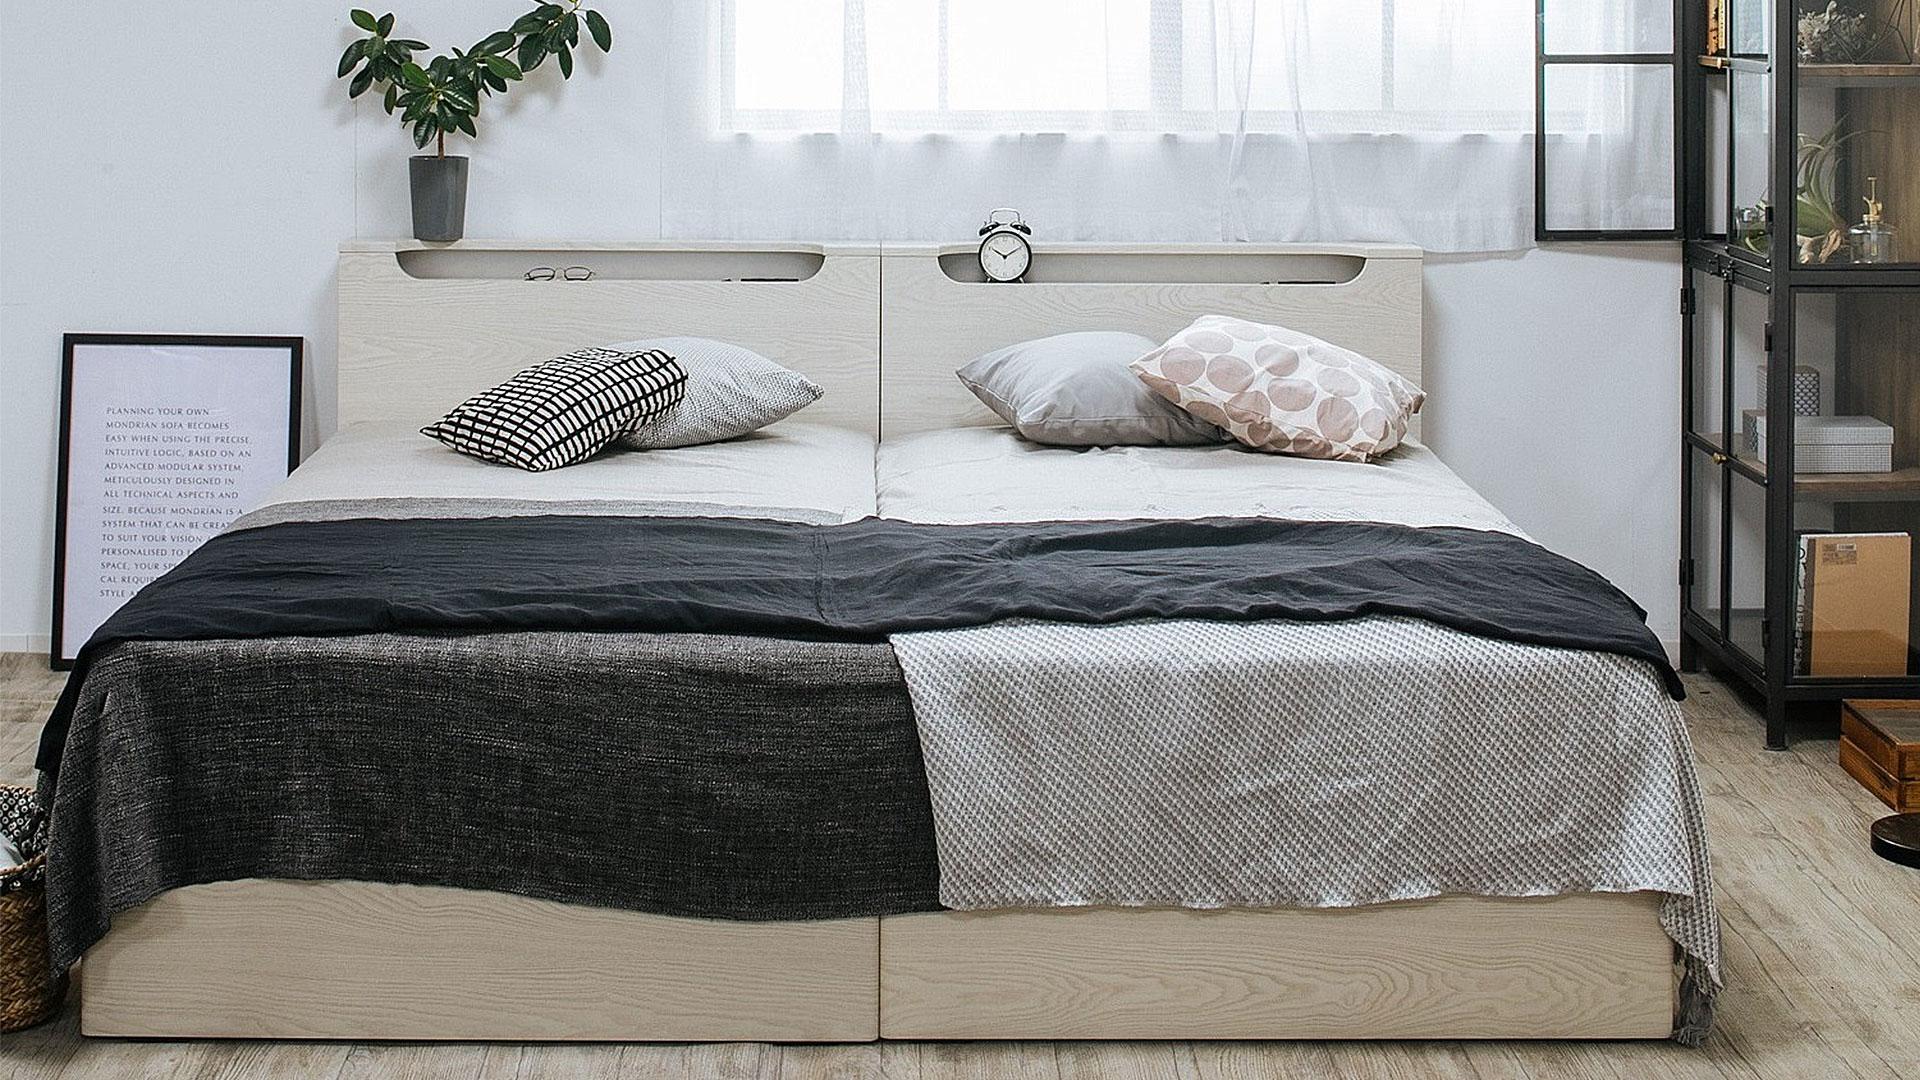 リビンズのベッドフレーム「グリス」のツインベッドにした時の画像